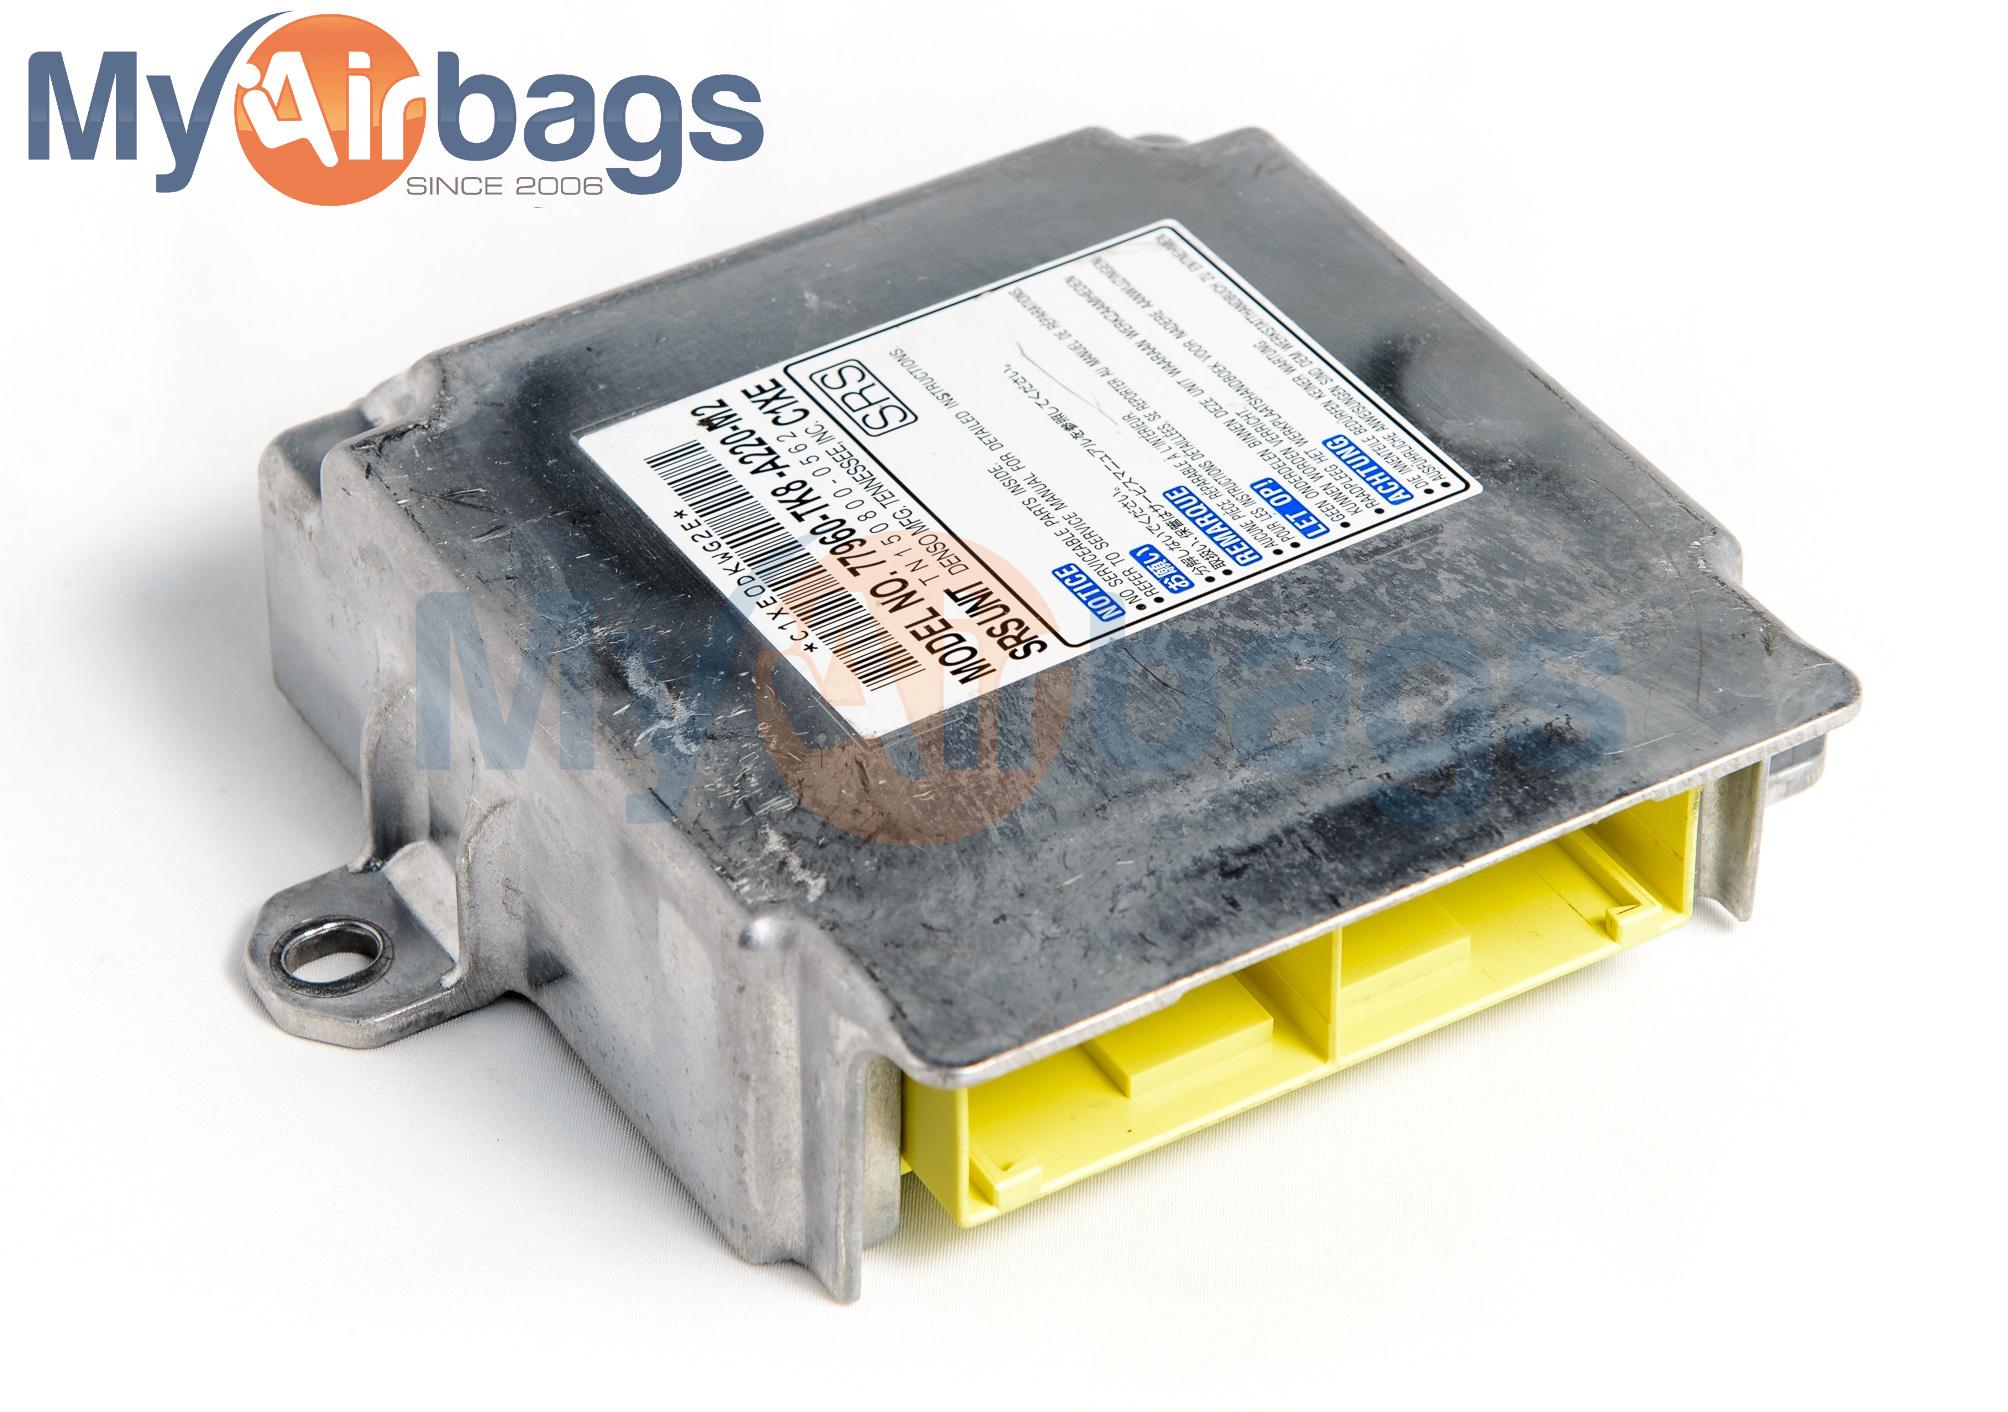 MyAirbags-Airbag-Module-Airbag-Reset-Honda-Acura-1__2_.jpg